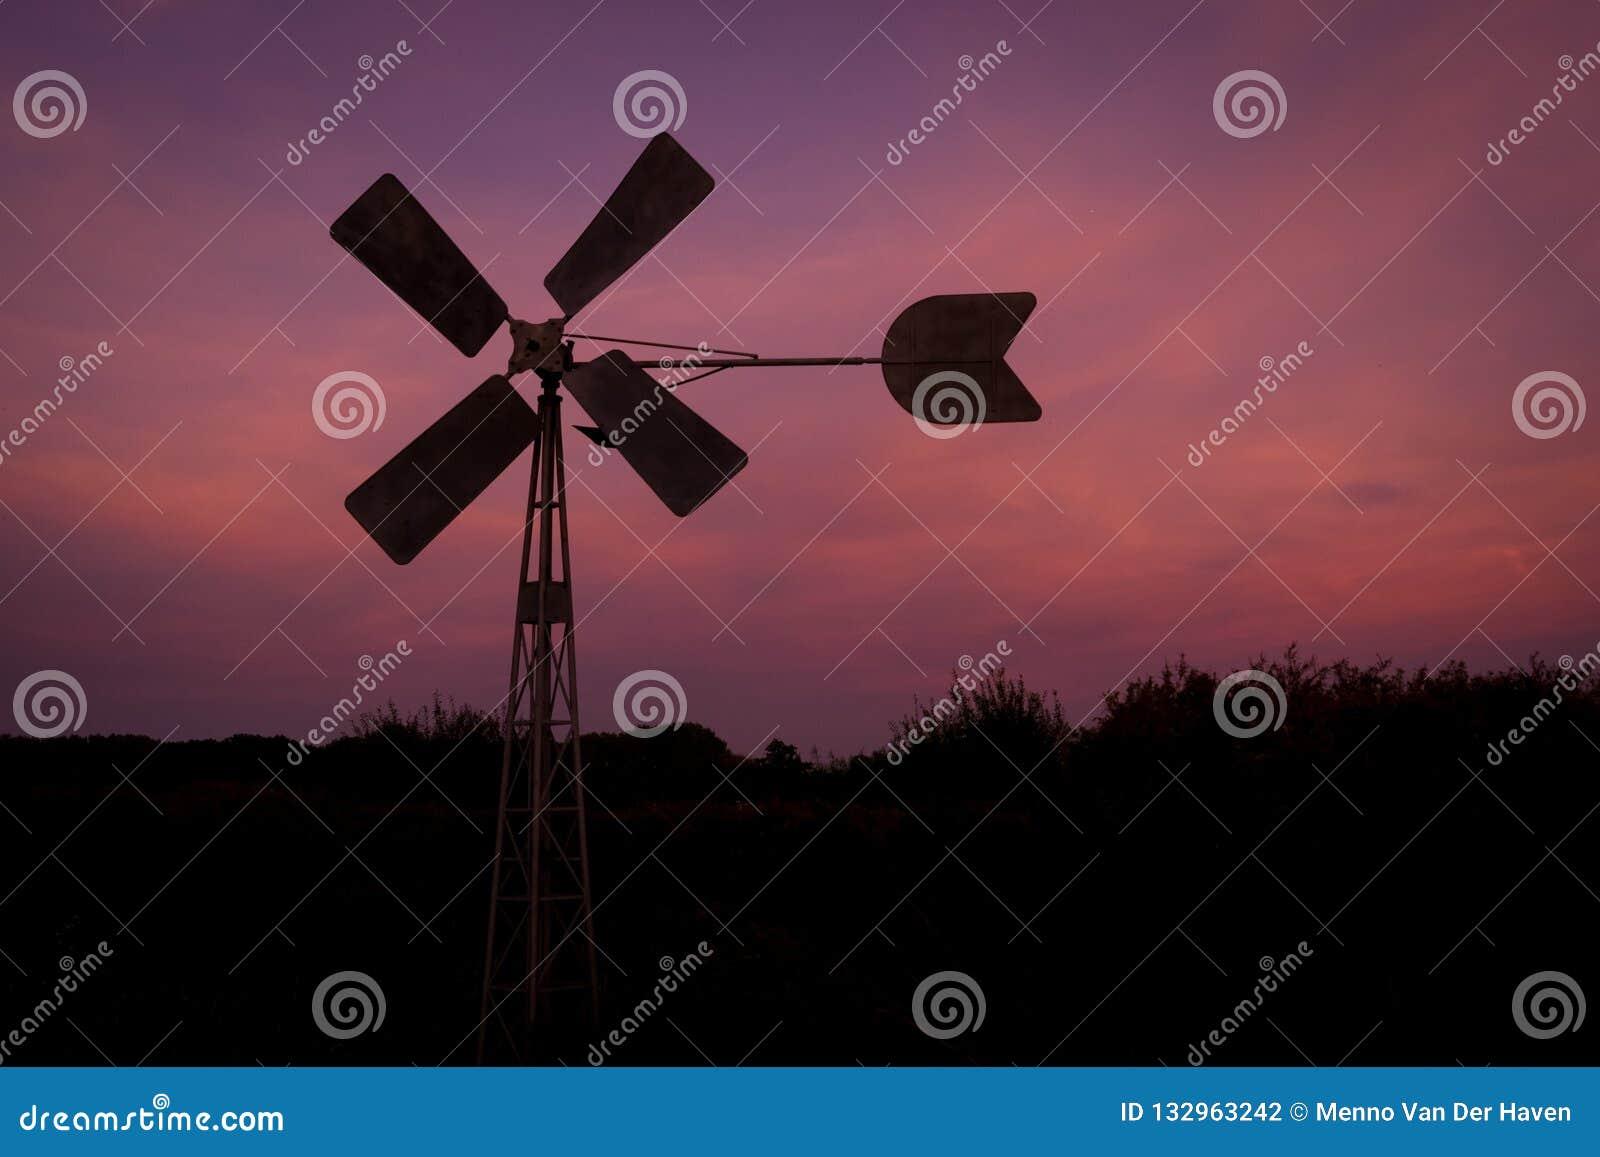 Kontur av en väderkvarn mot en purpurfärgad aftonhimmel nära gouda, Holland